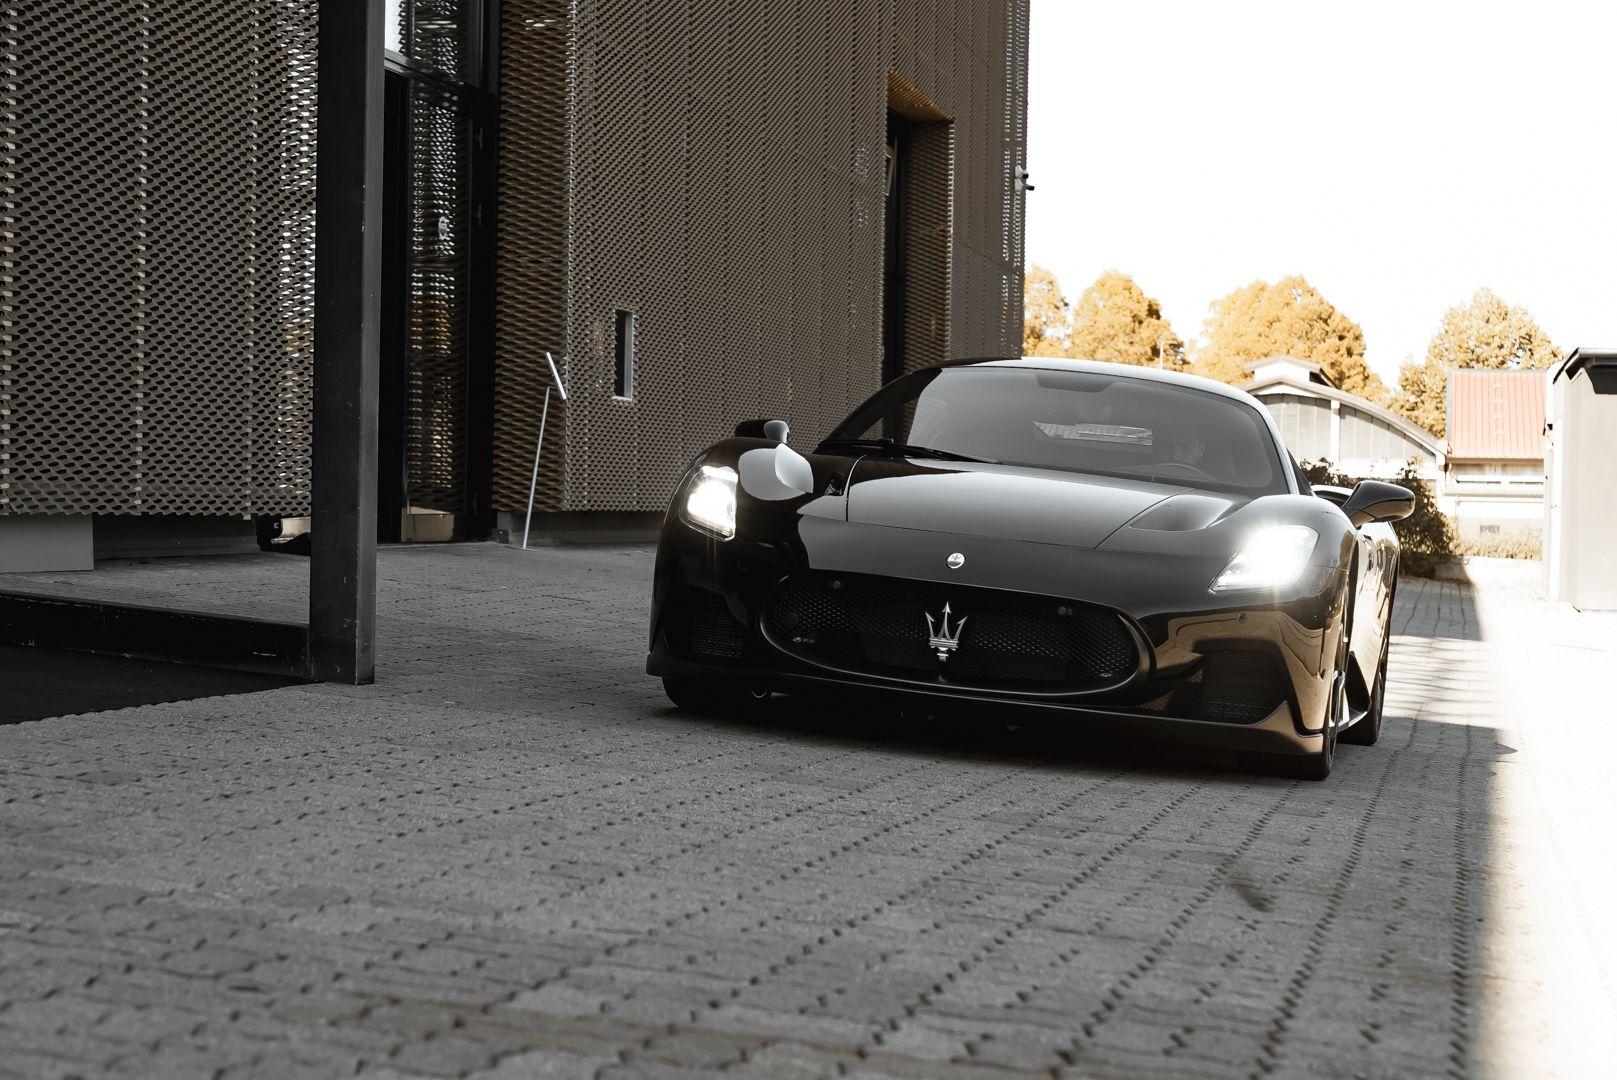 2021 Maserati MC20 84416